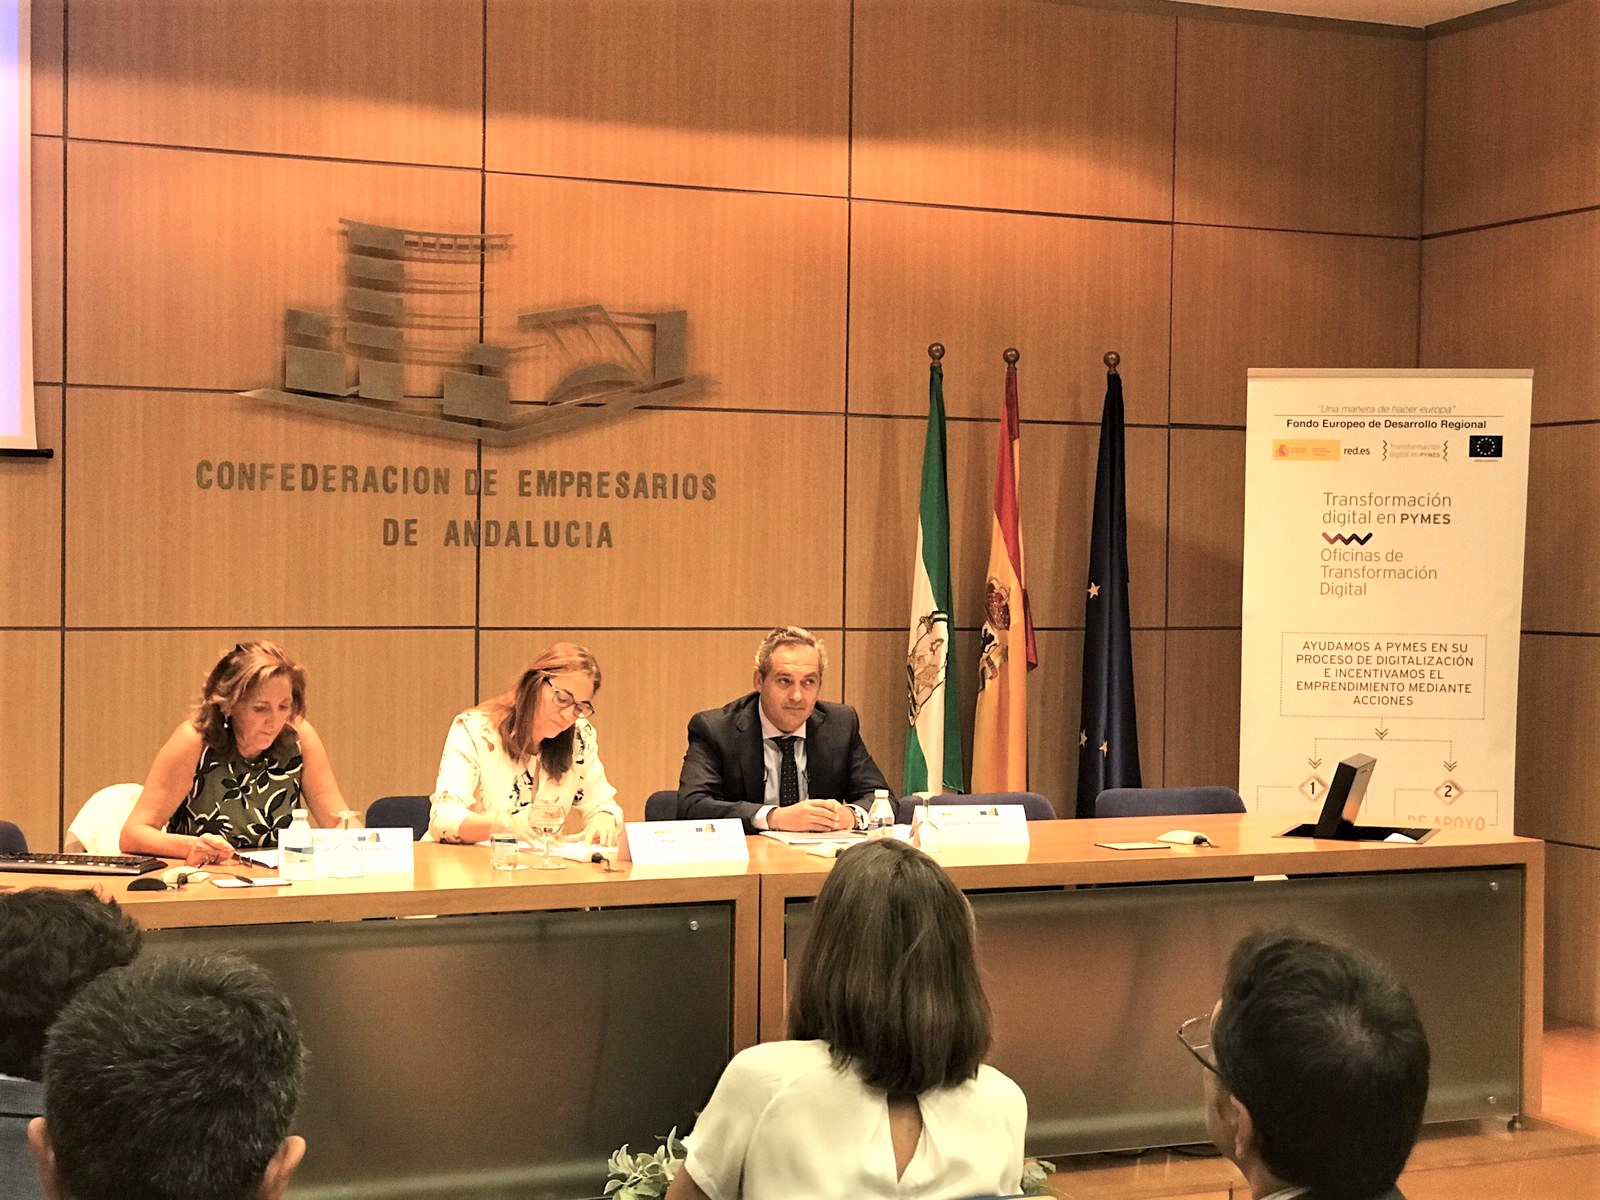 El sector renovable andaluz analiza los últimos avances y sistemas en transformación digital